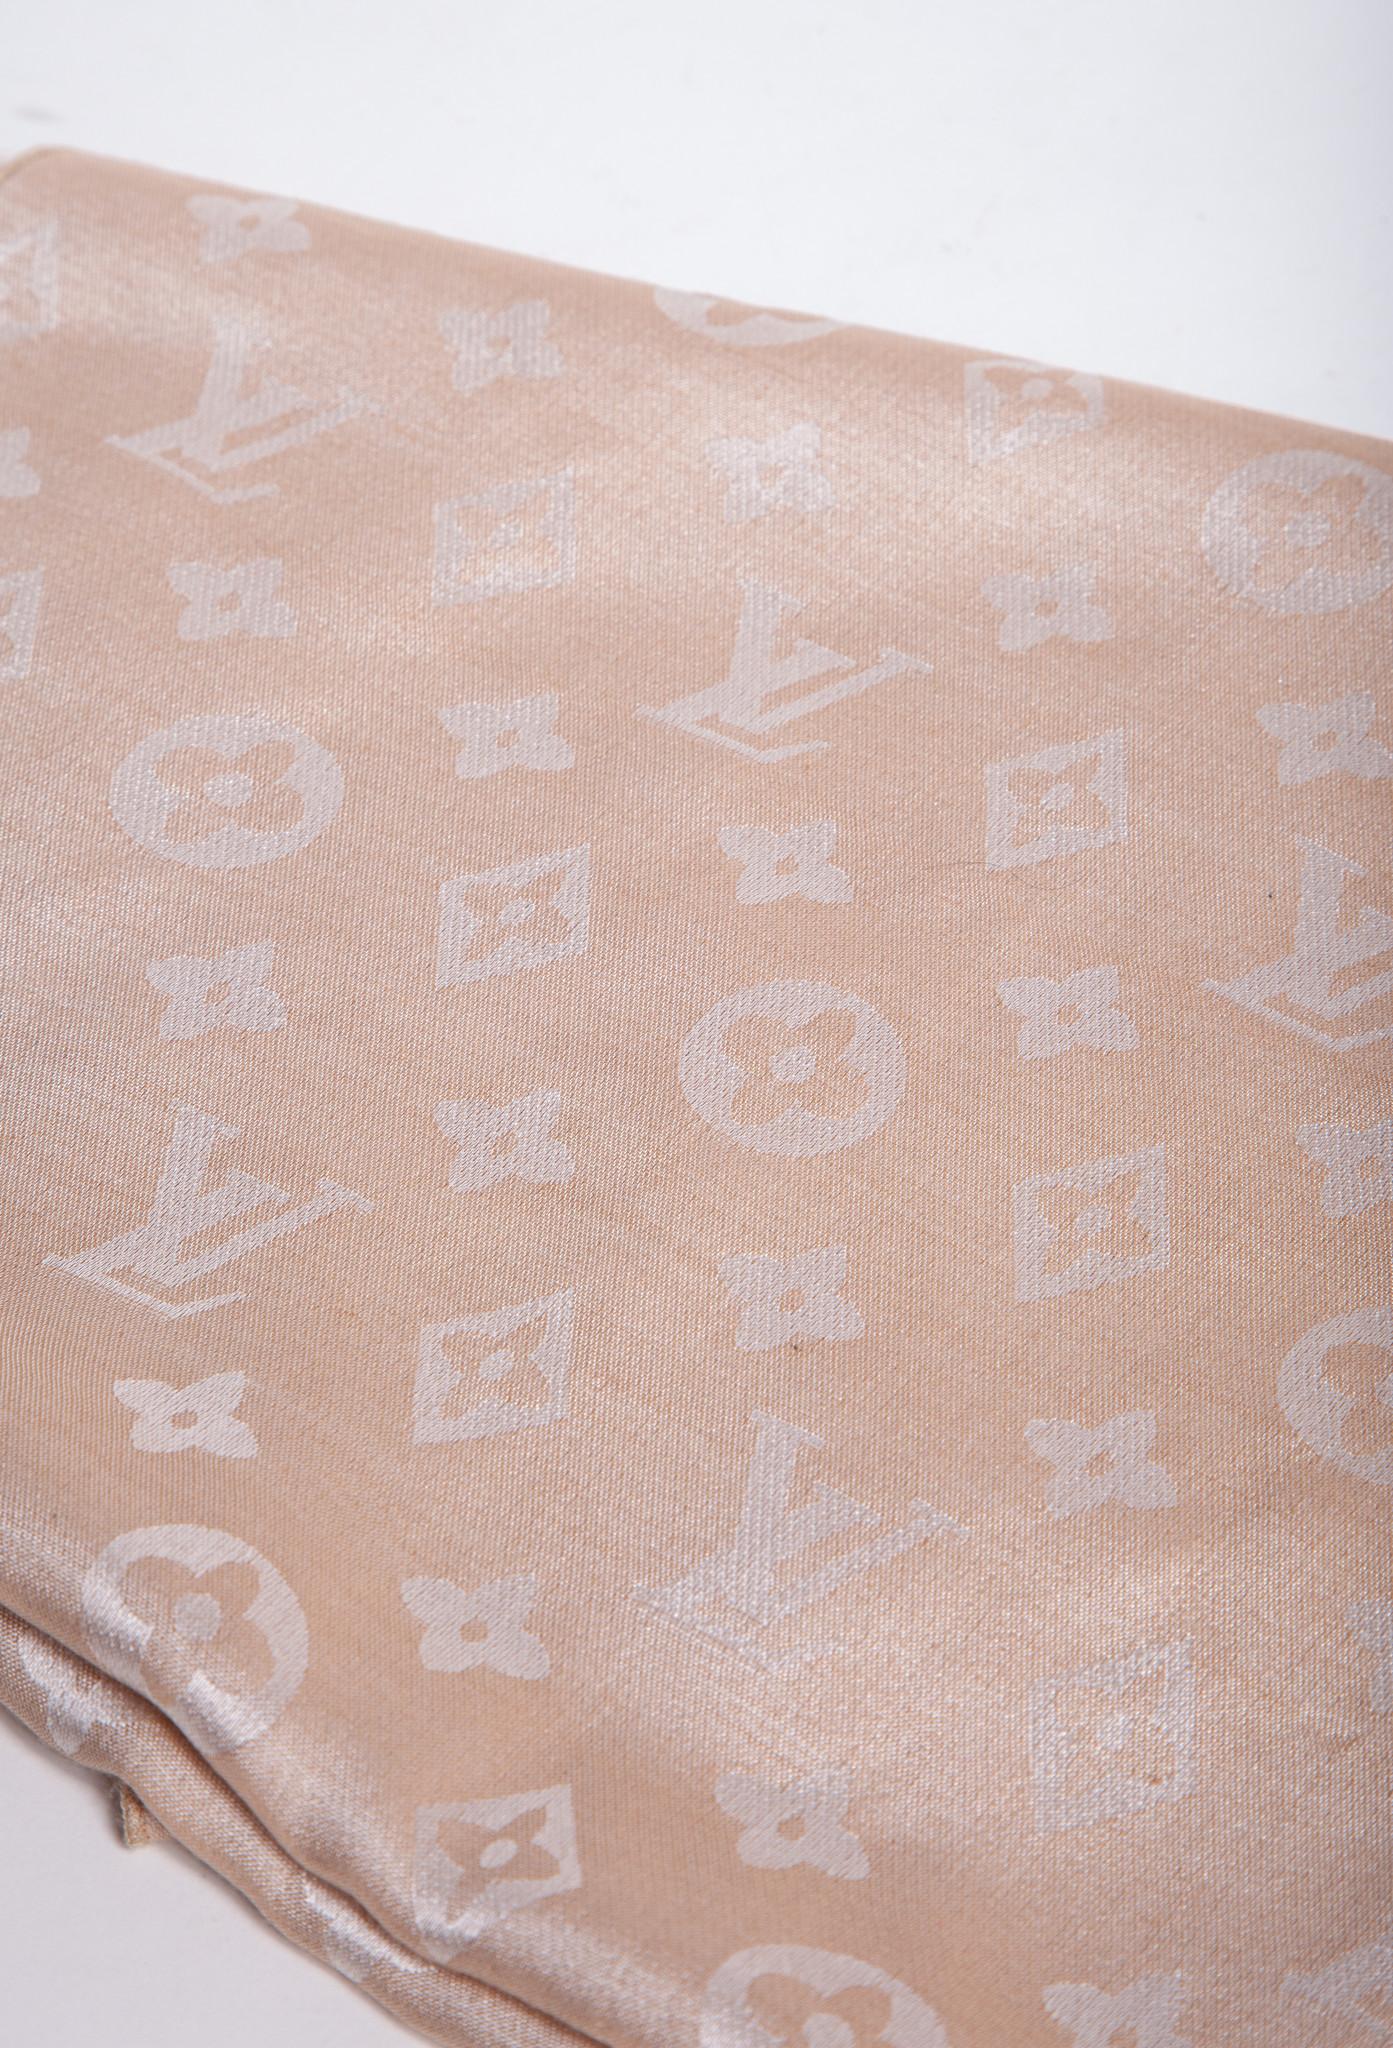 Louis Vuitton FOULARD ROSE DORÉ IMPRIMÉ MONOGRAMME